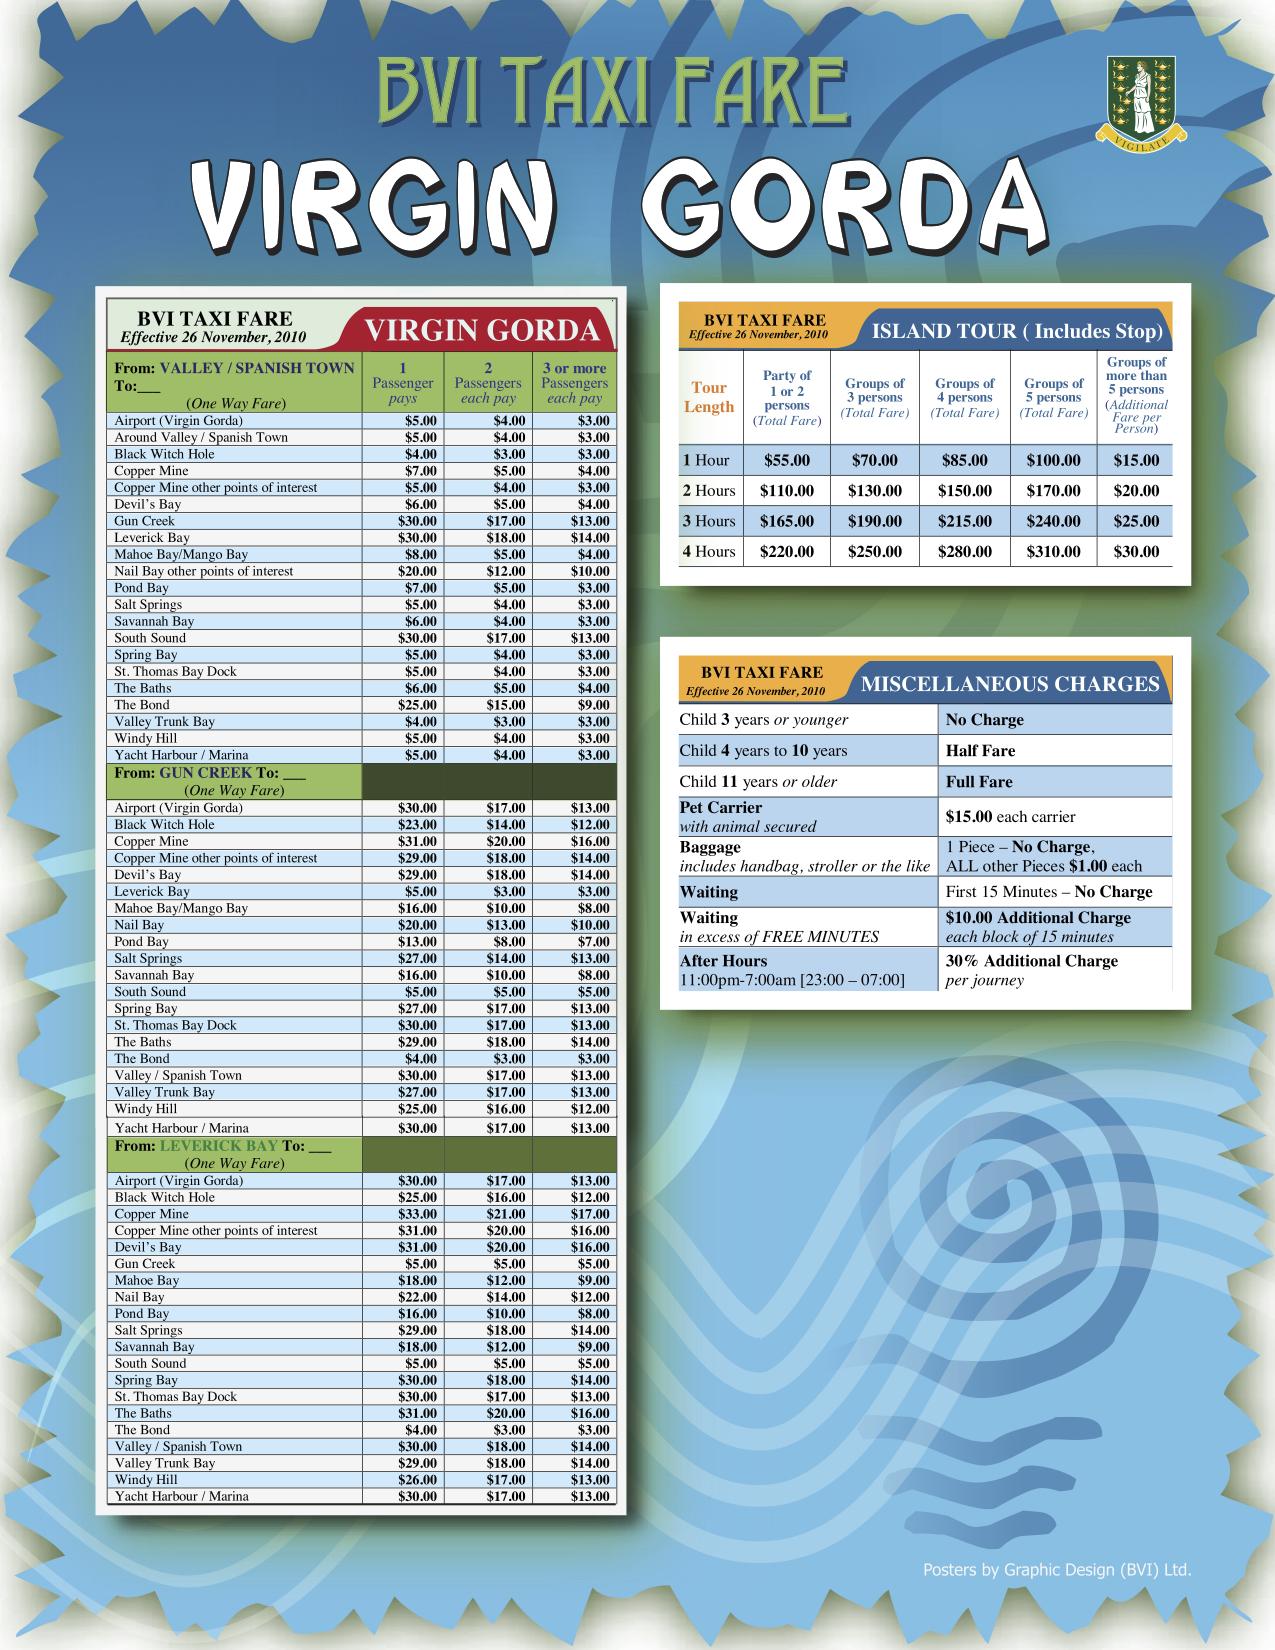 Virgin Gorda Taxi Fares